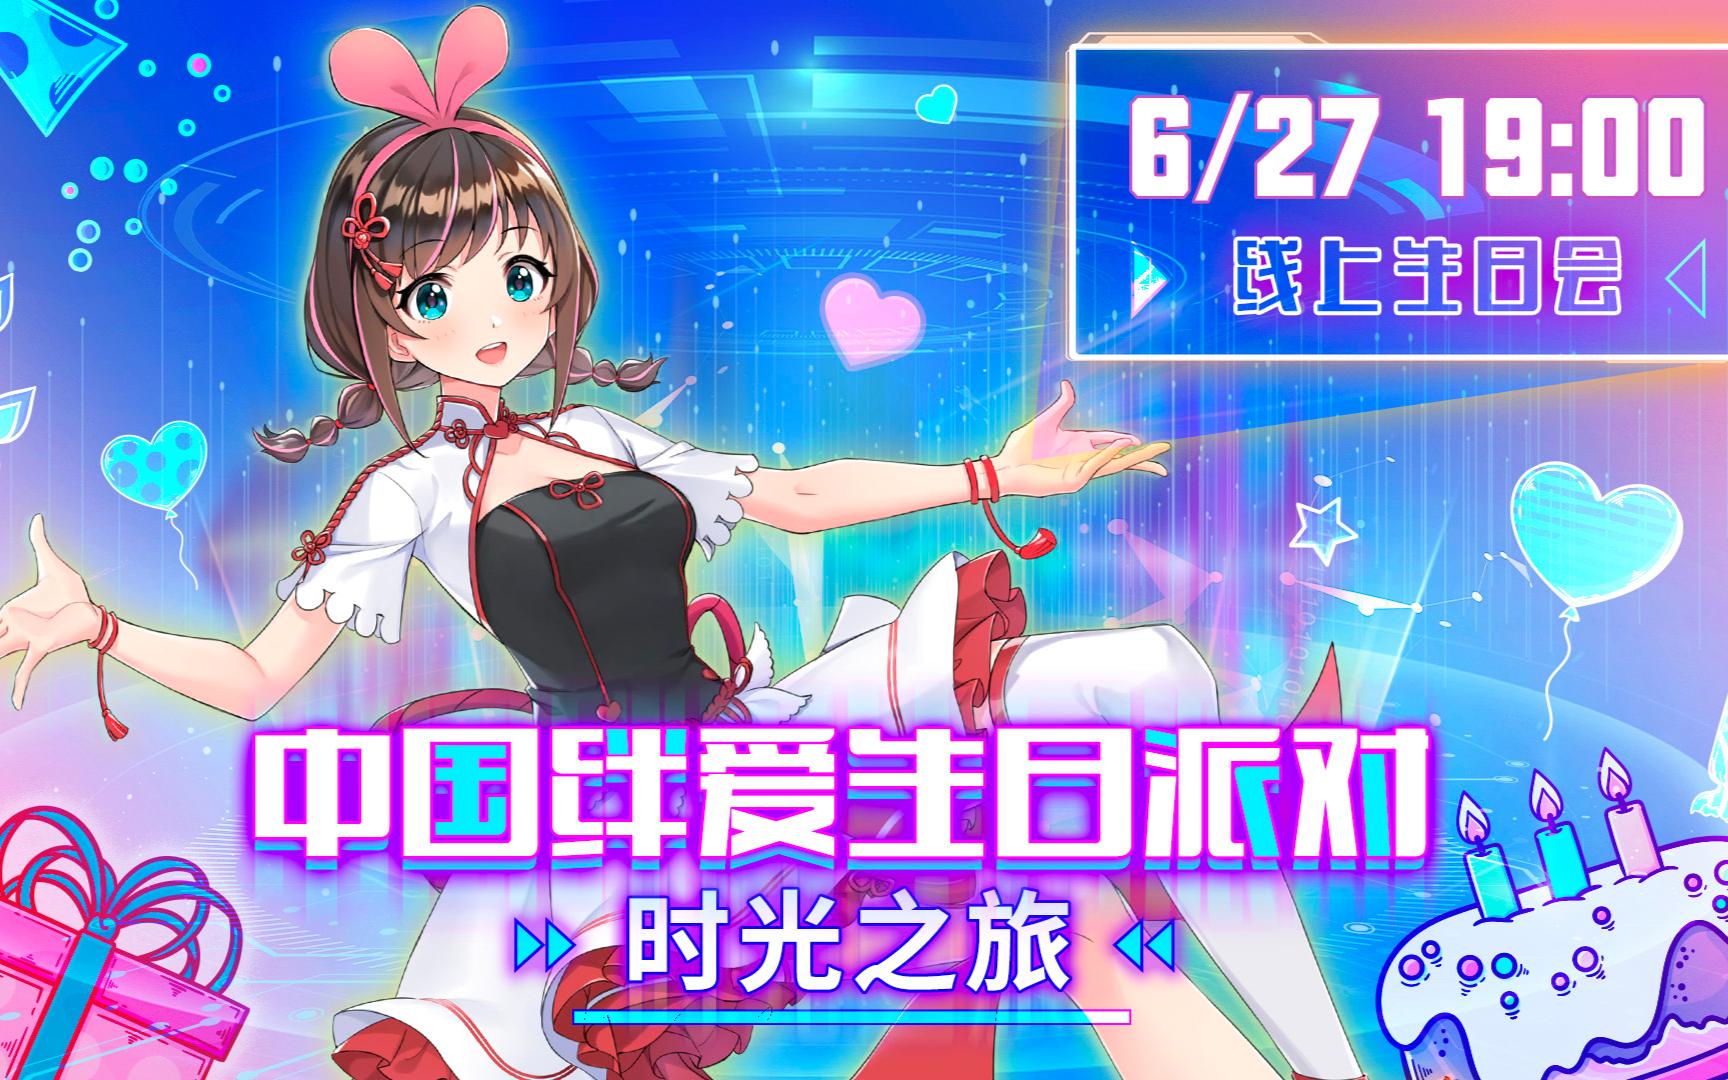 【中国绊爱】2021年6月27日生日派对——时光之旅